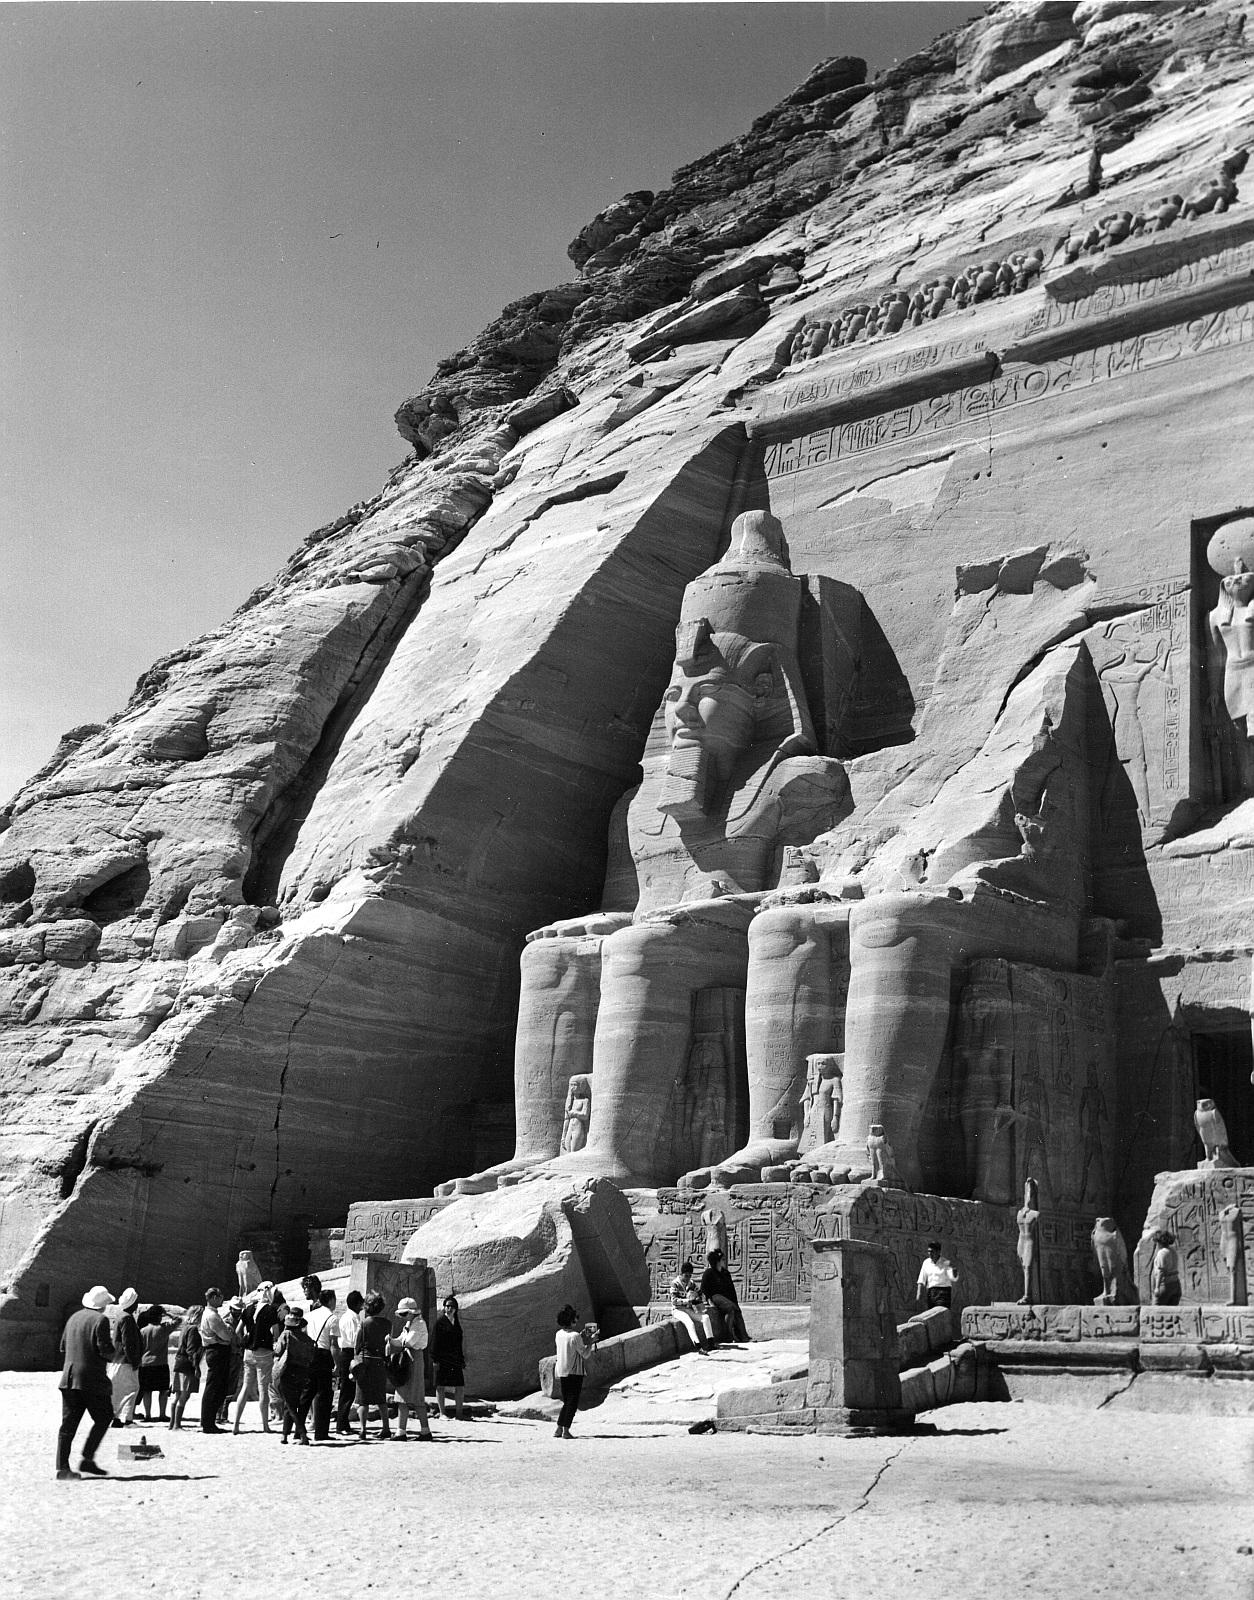 Абу-Симбел. Великий Храм. Частичный вид фасада с двумя южными колоссами